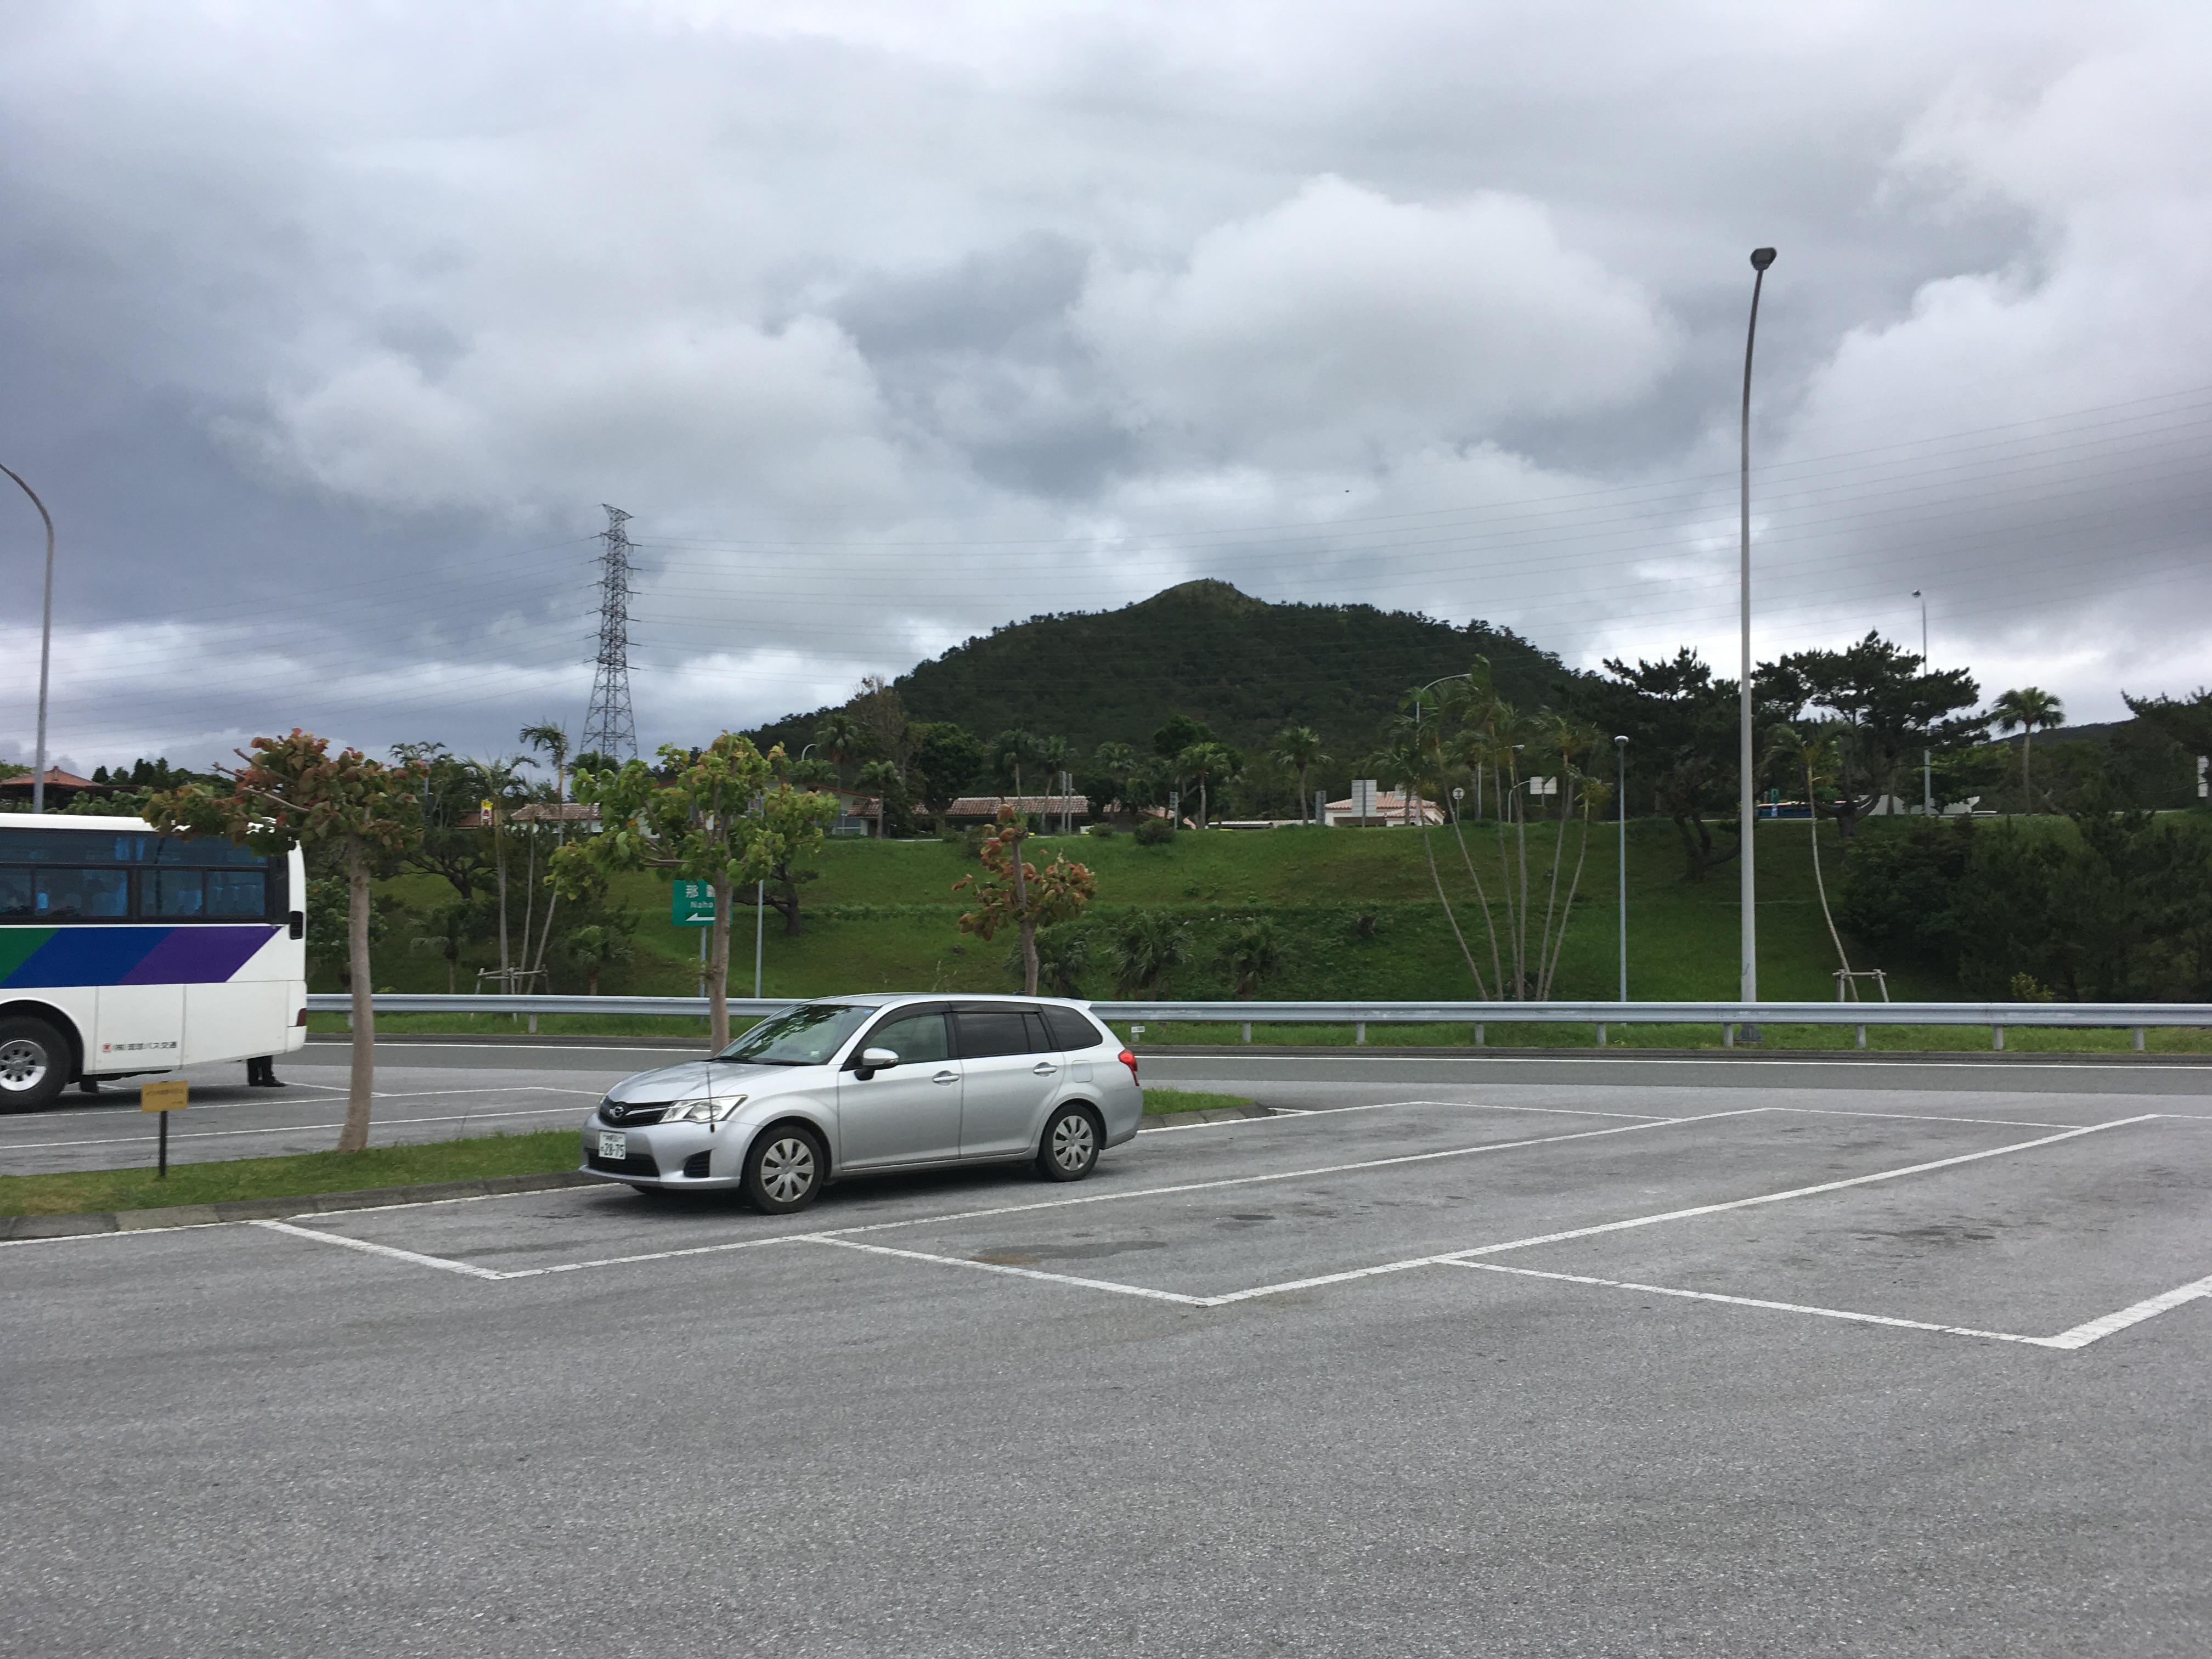 伊芸サービスエリア(上り線)